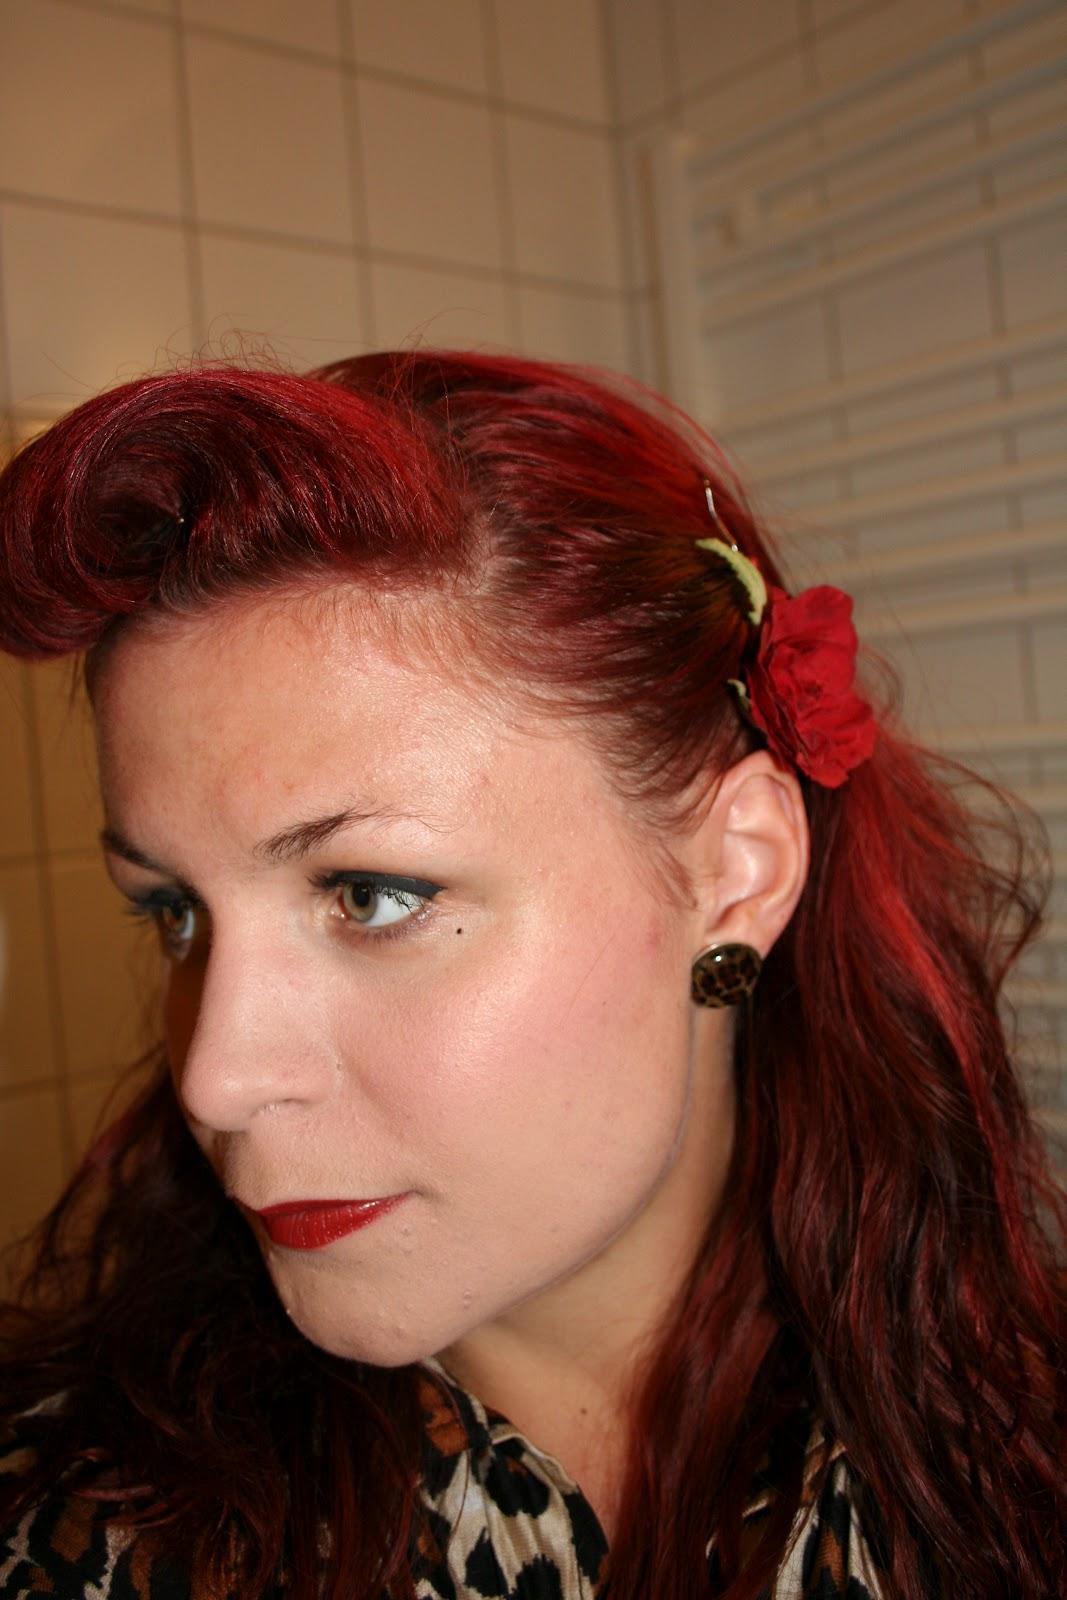 uppkopplad oskuld rött hår